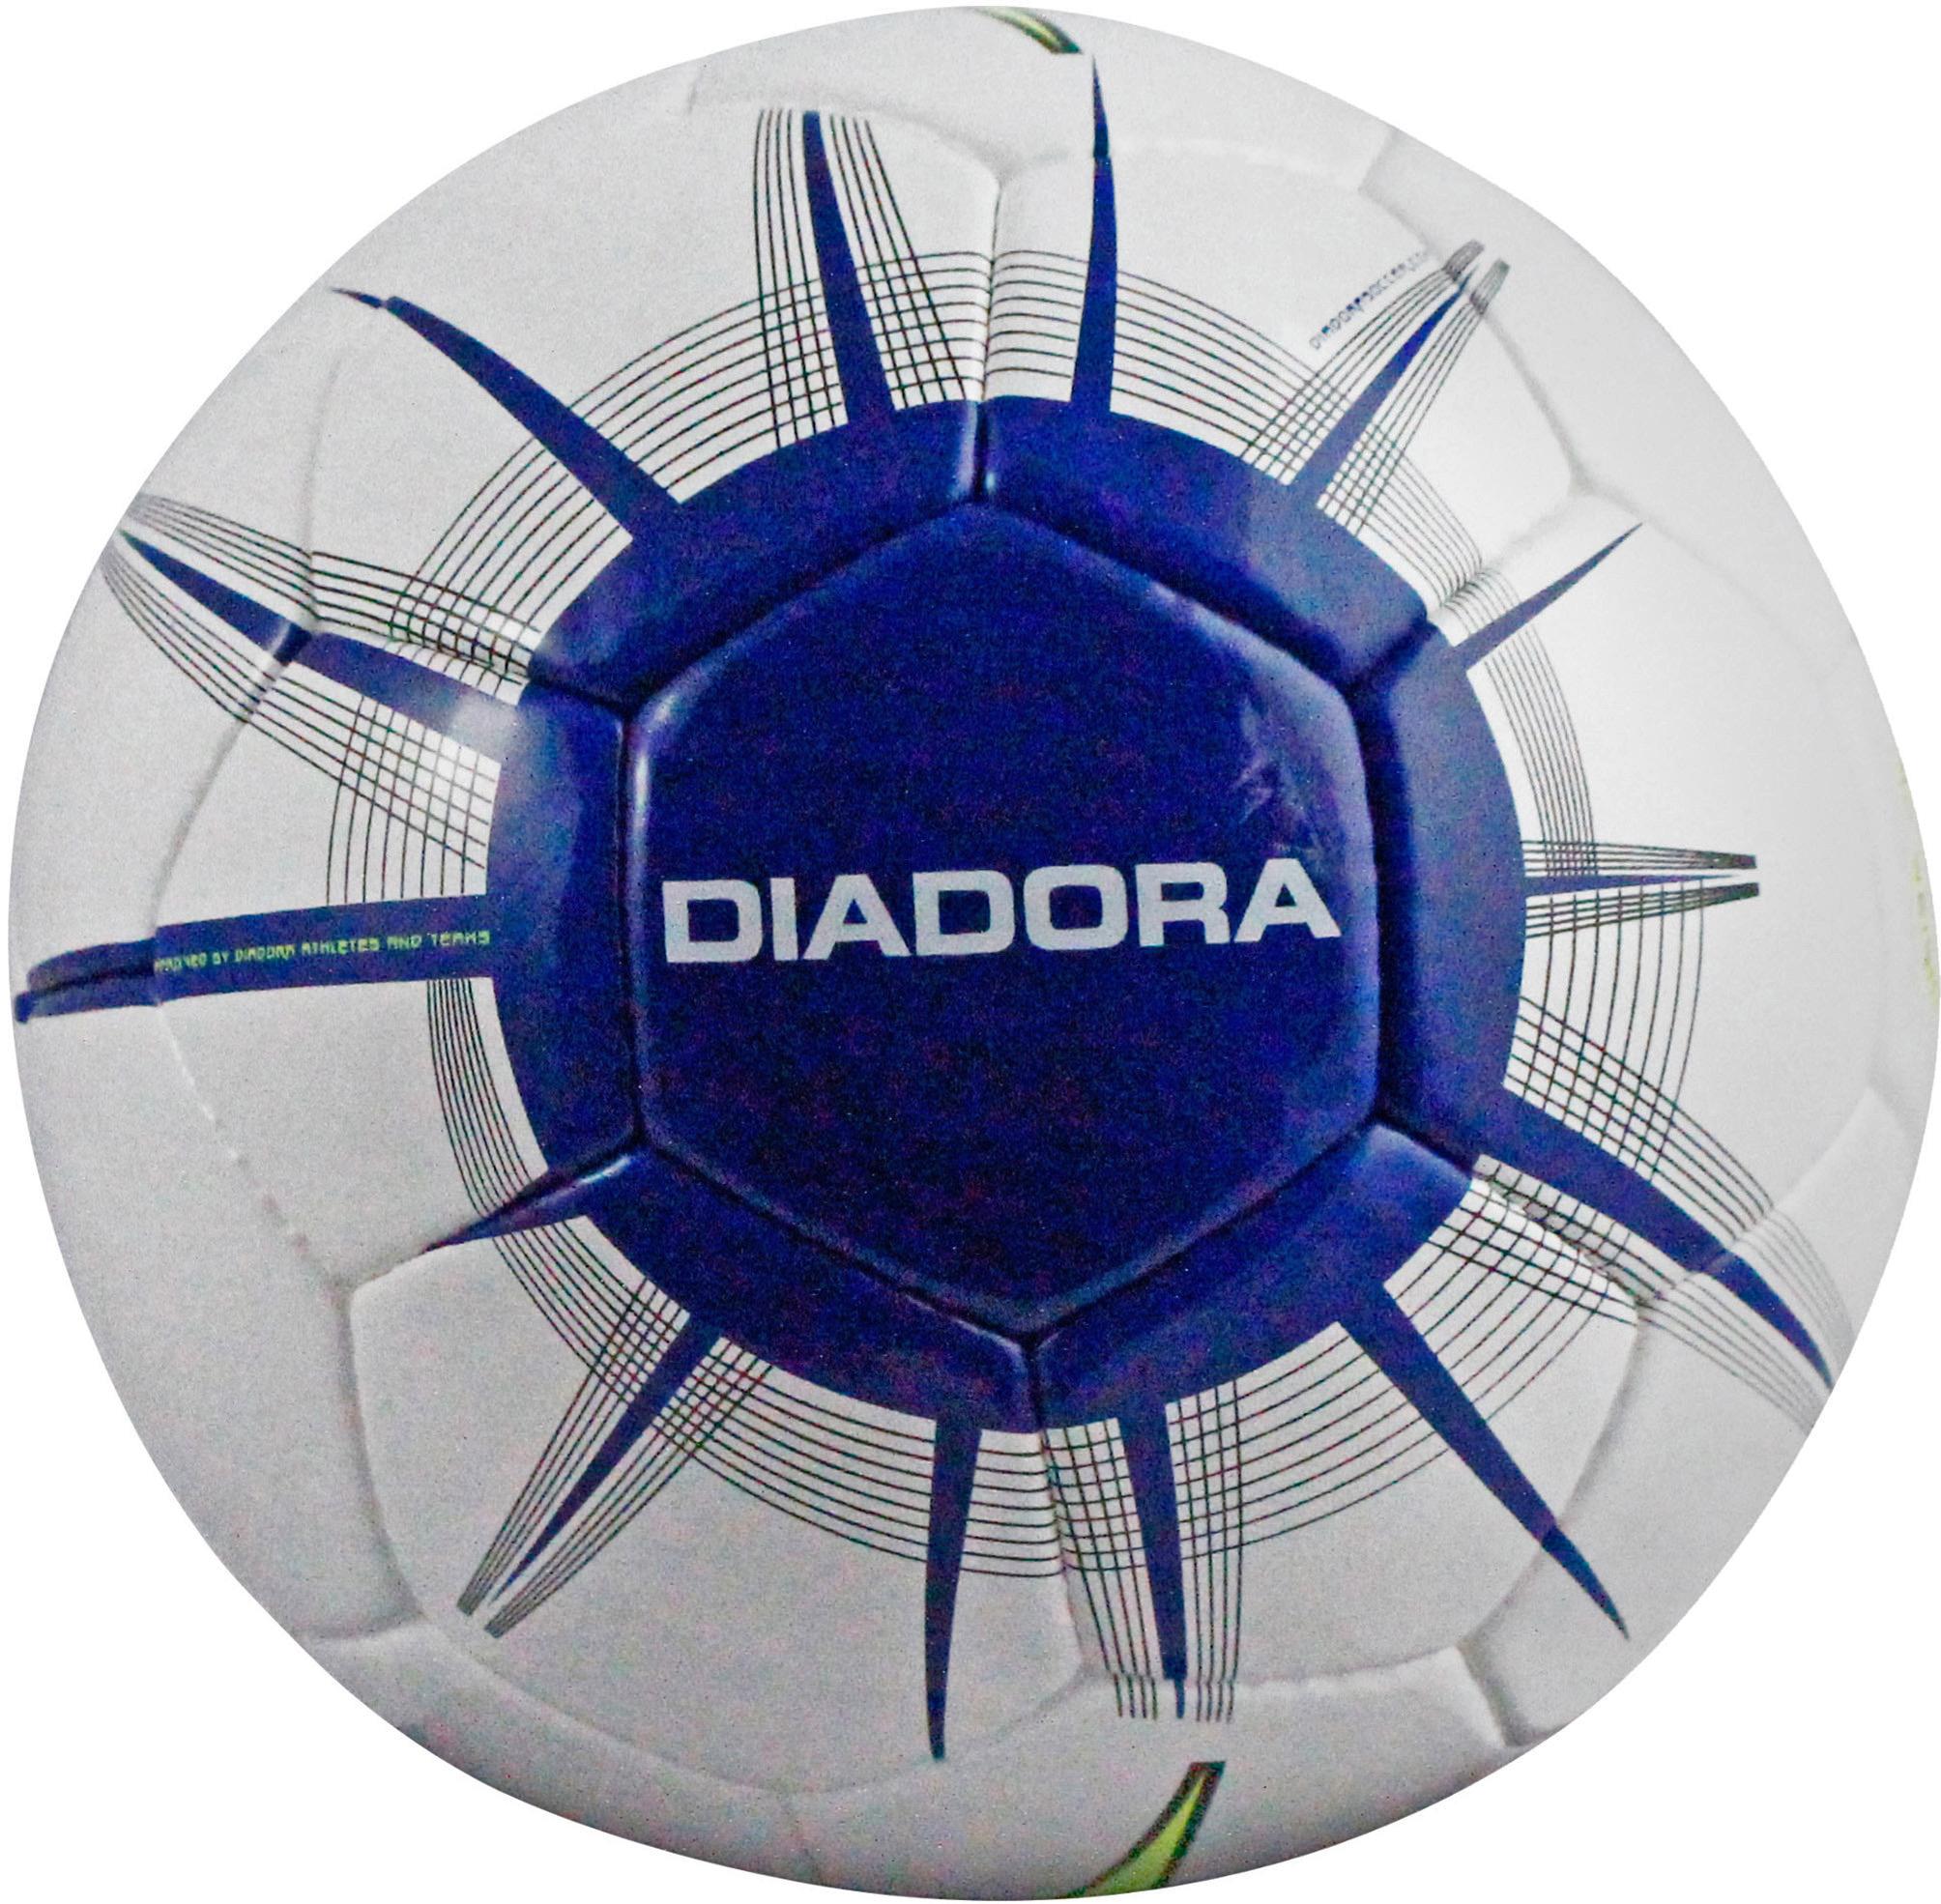 Diadora soccer balls